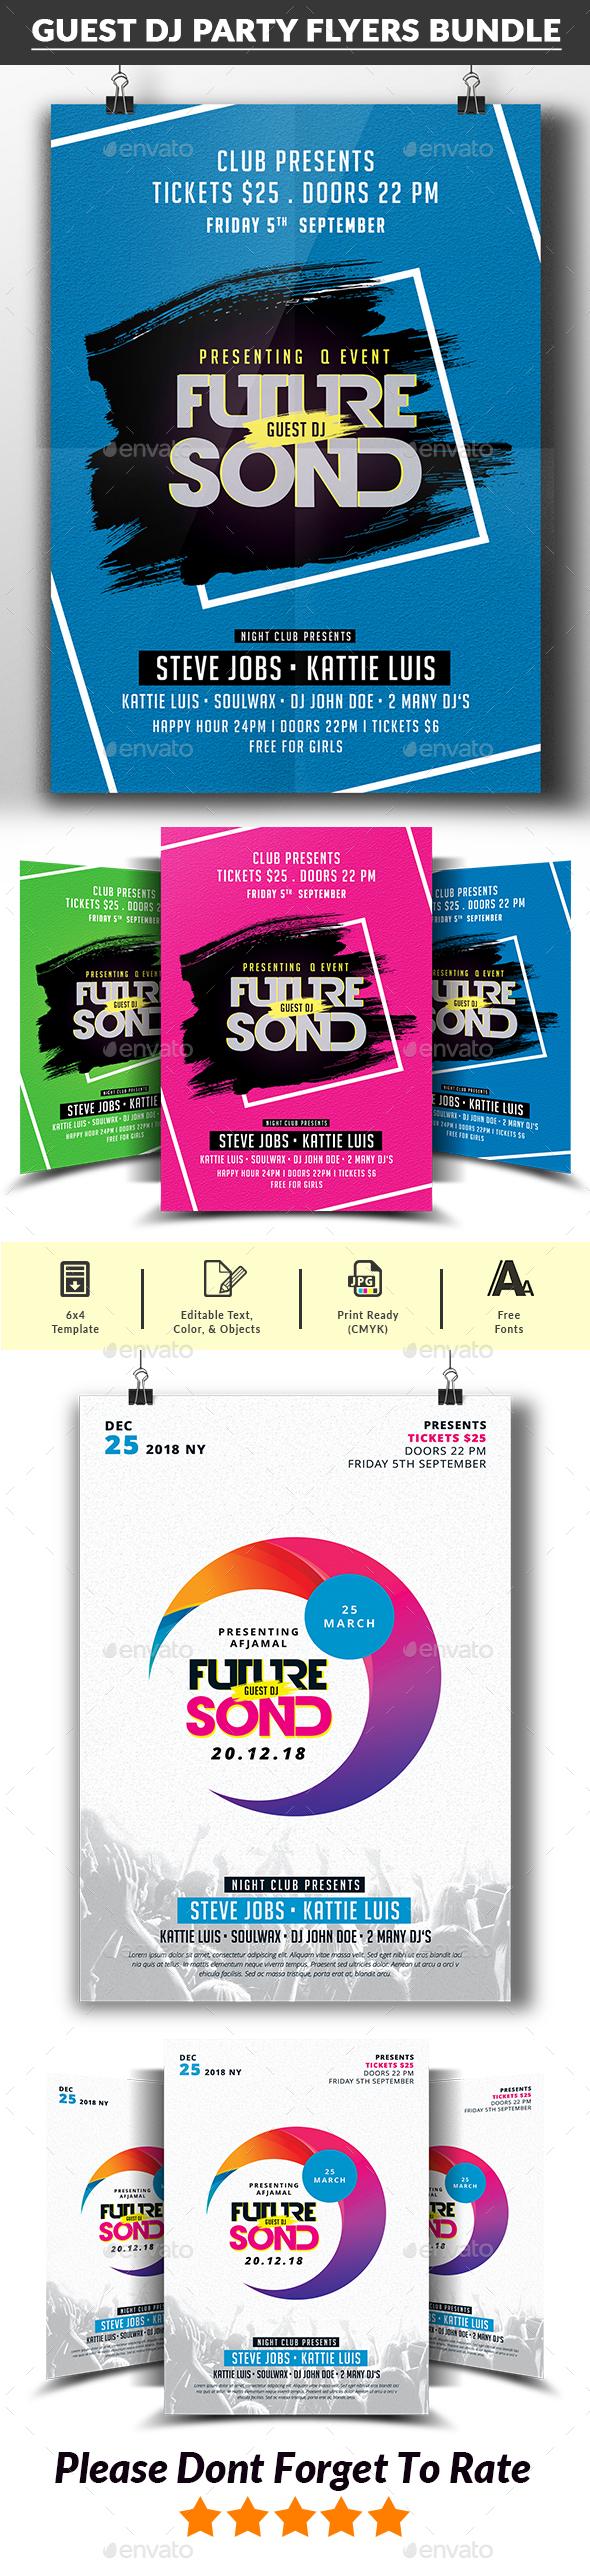 Guest DJ Party Flyer Bundle - Clubs & Parties Events